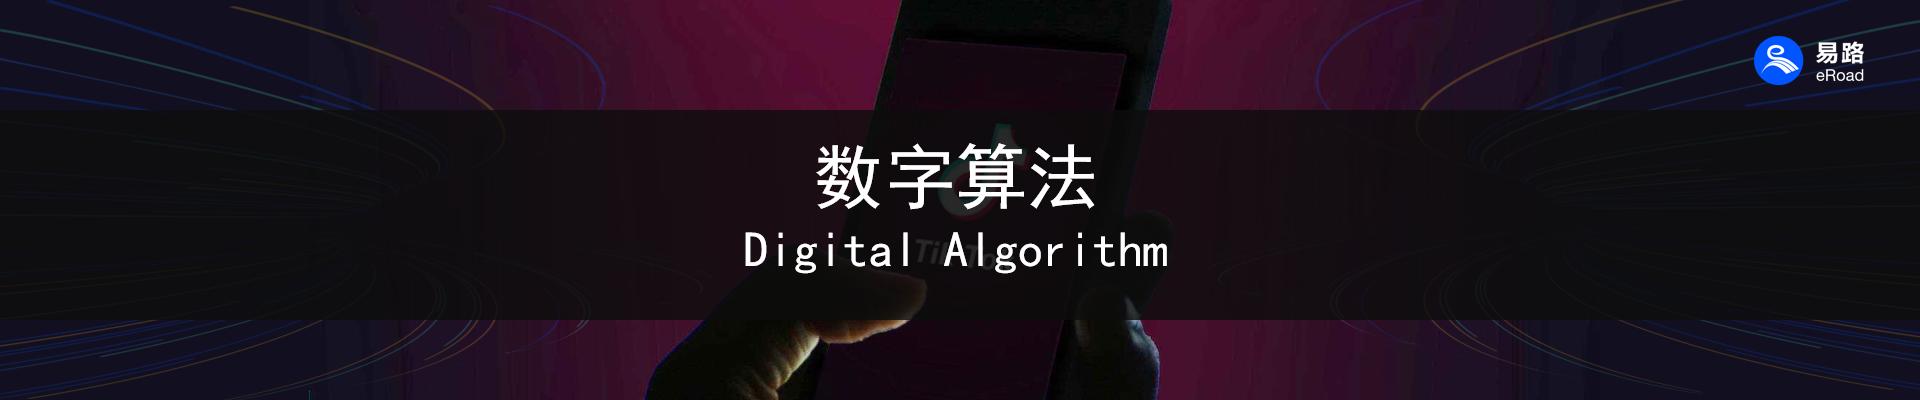 算法.png